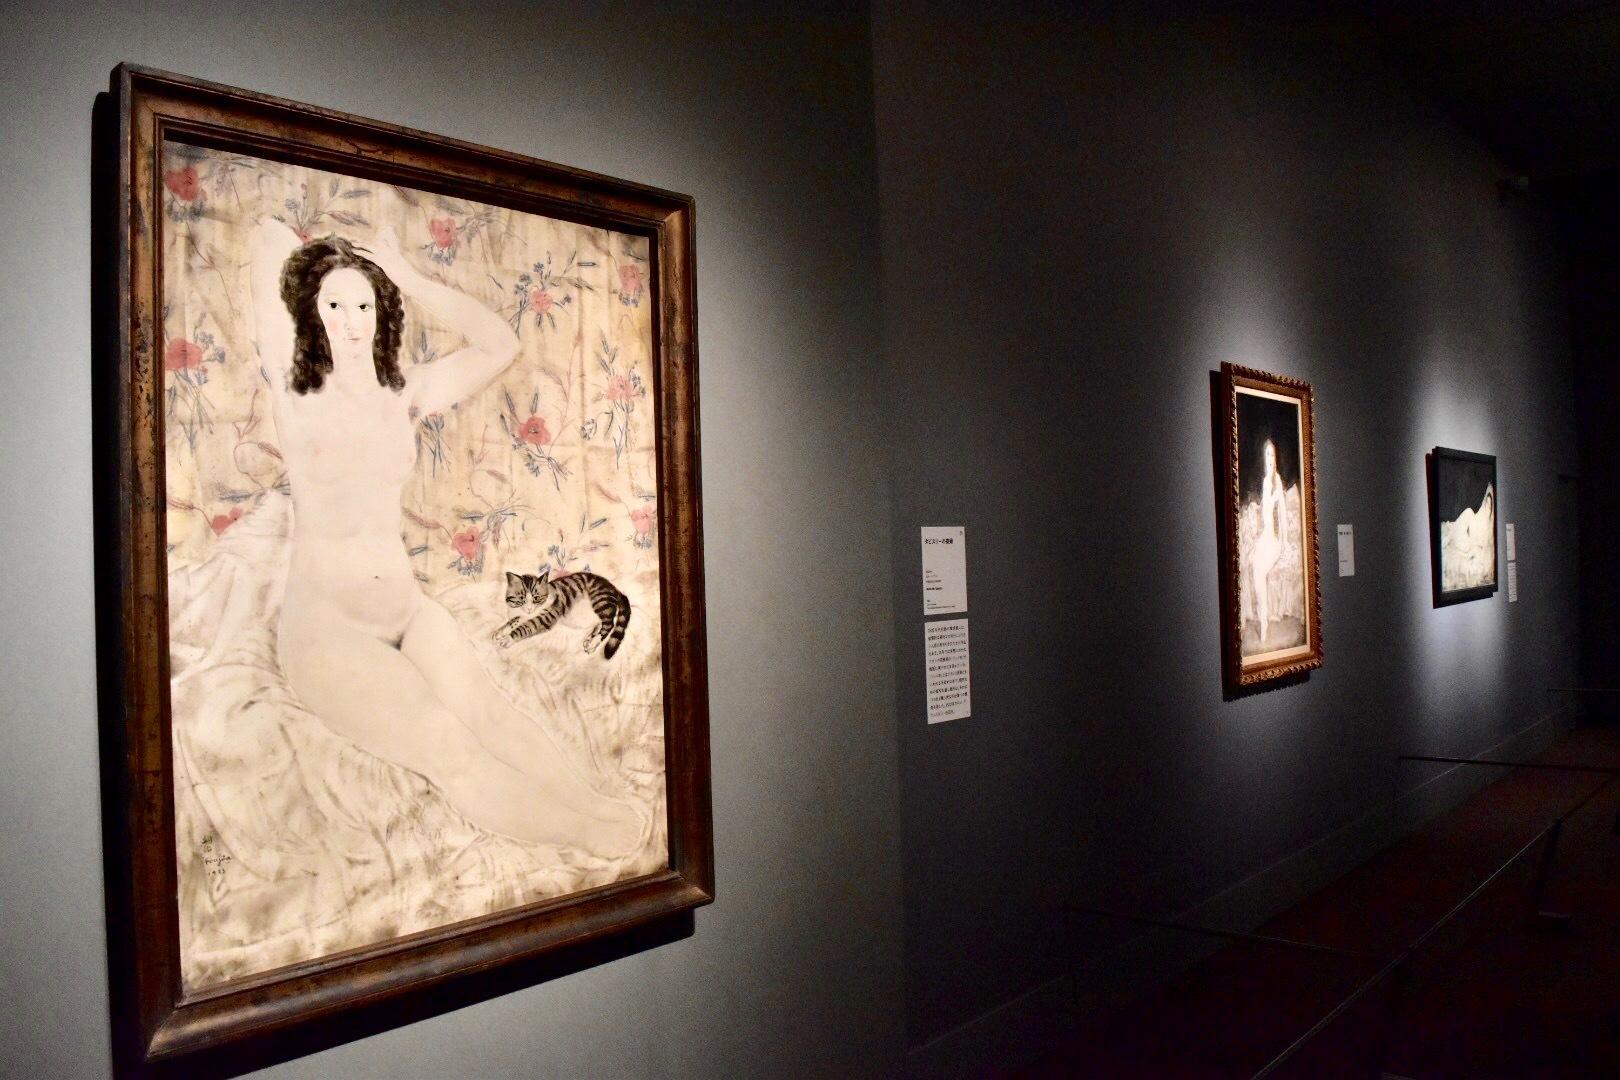 《タピスリーの裸婦》 1923年 京都国立近代美術館蔵  (C) Foundation Foujita / ADAGP , Paris & JASPAR , Tokyo , 2017 E2833